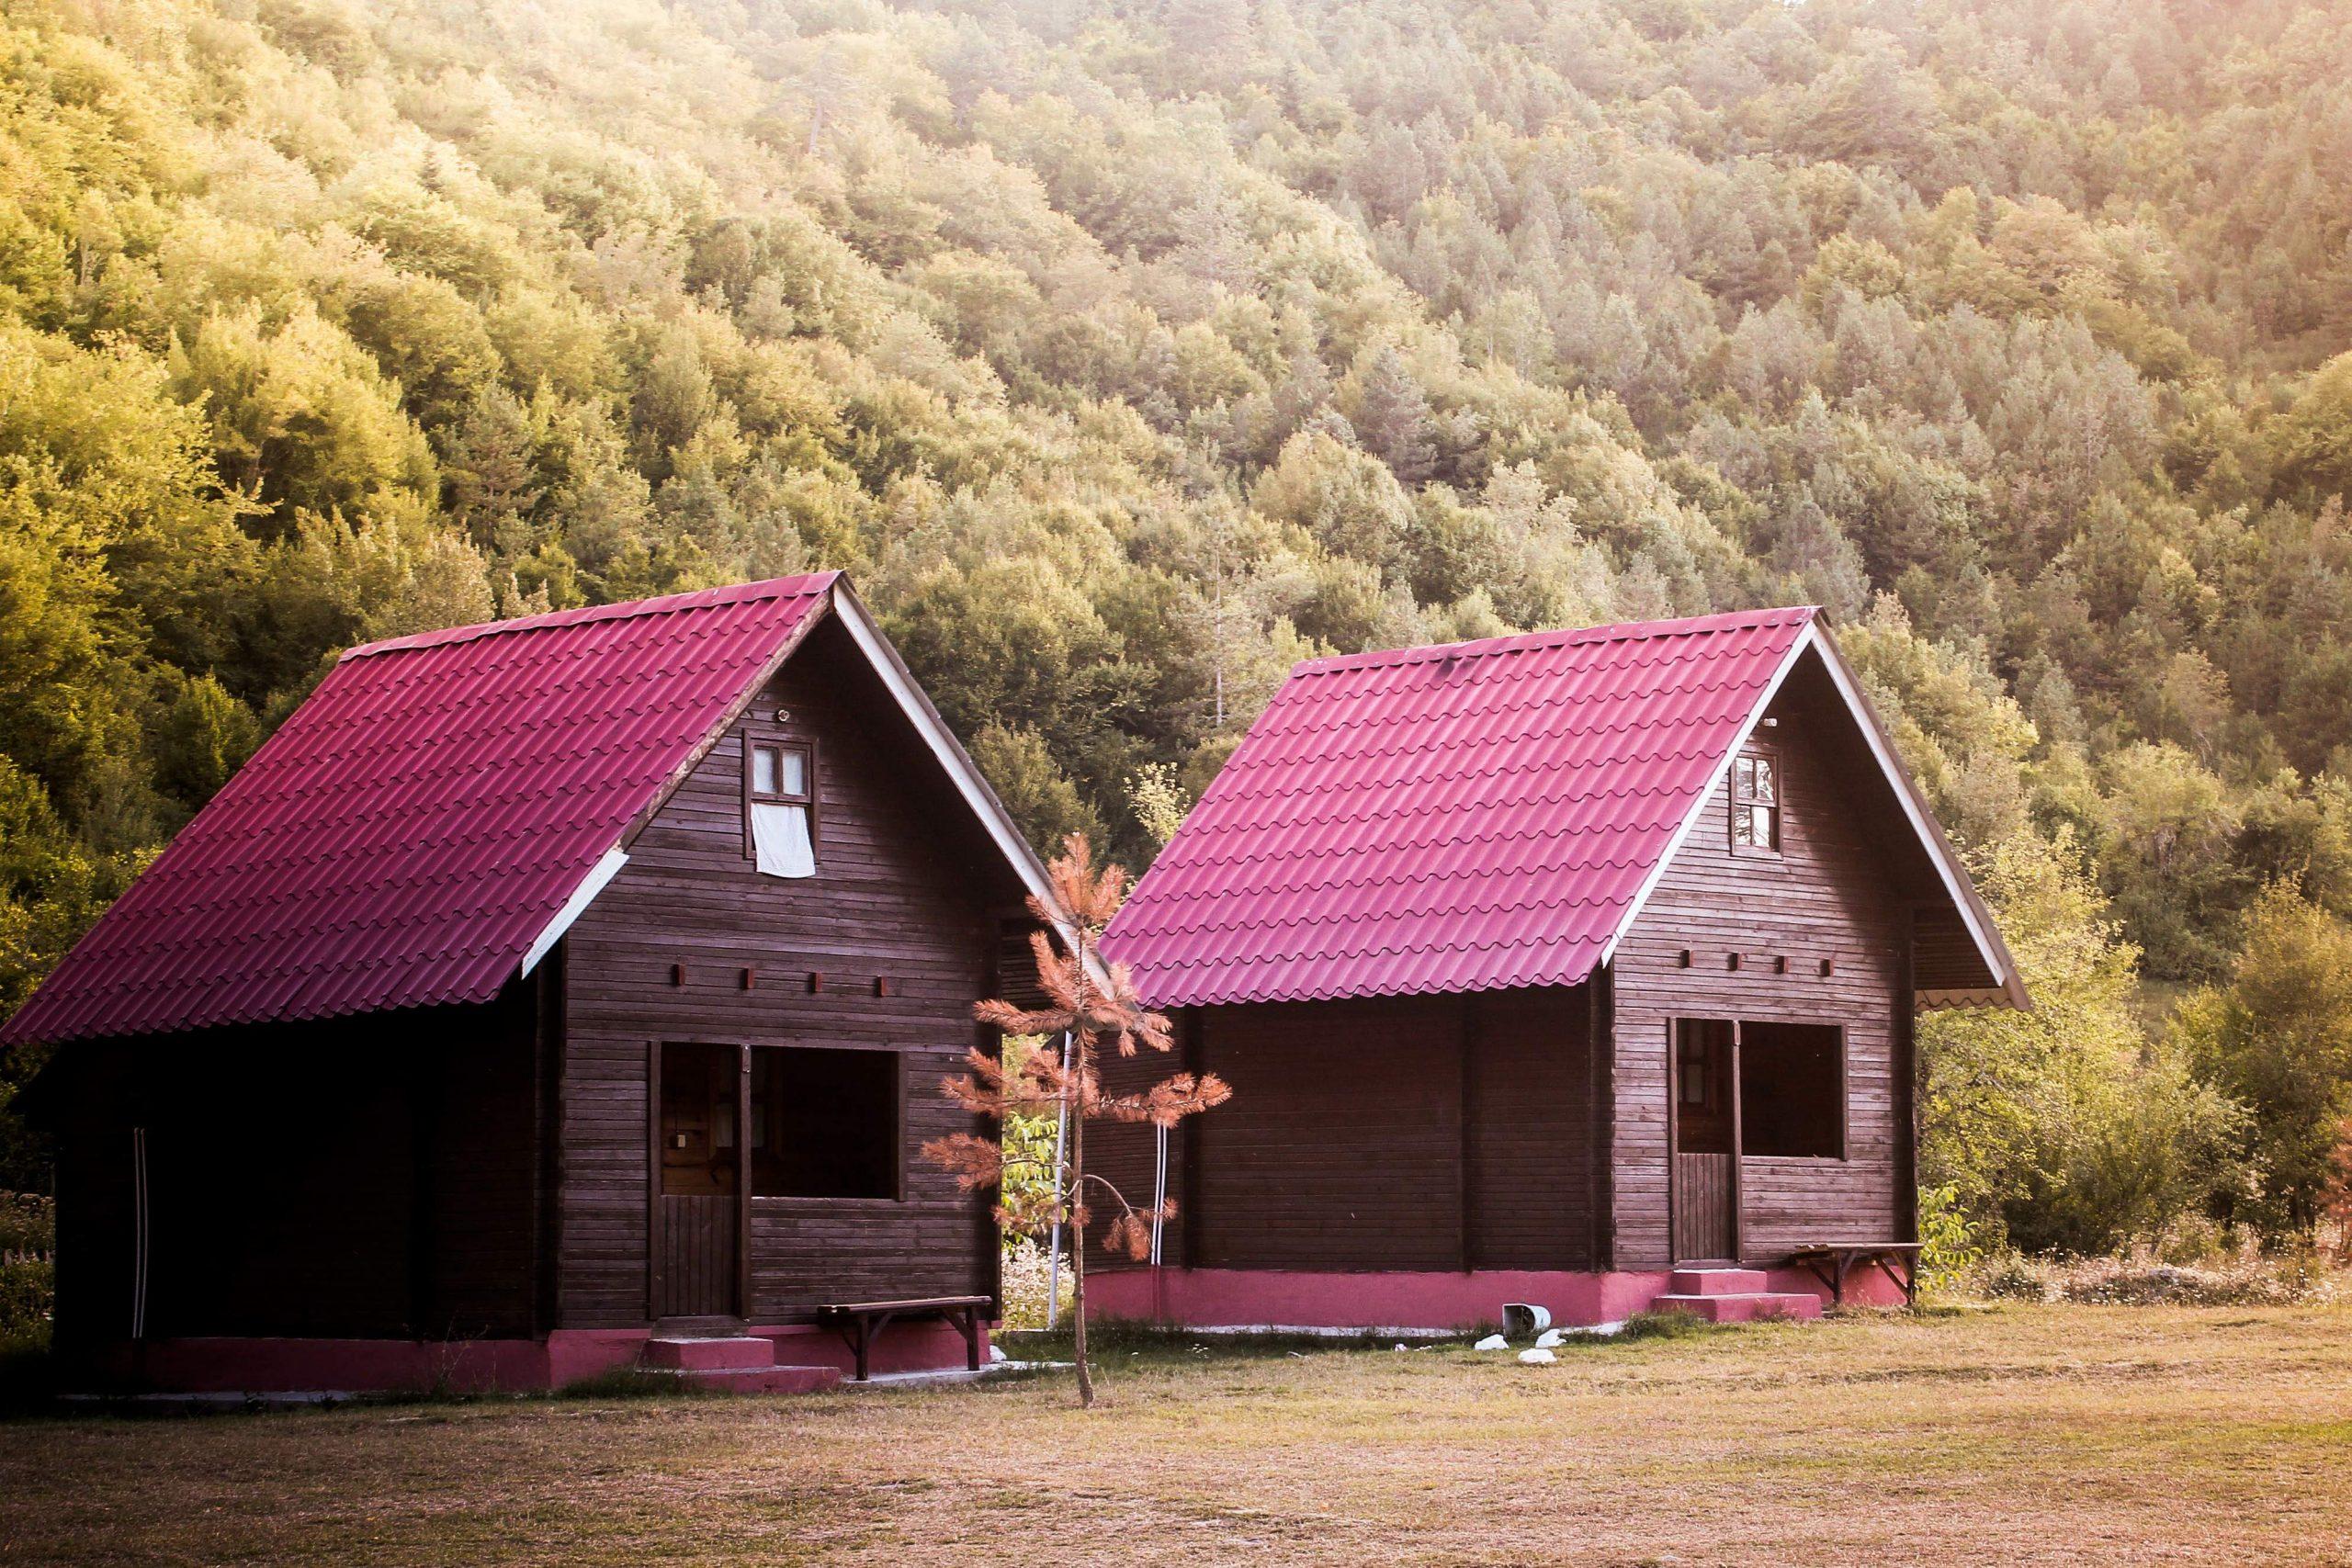 Wooden houses in Kastamonu